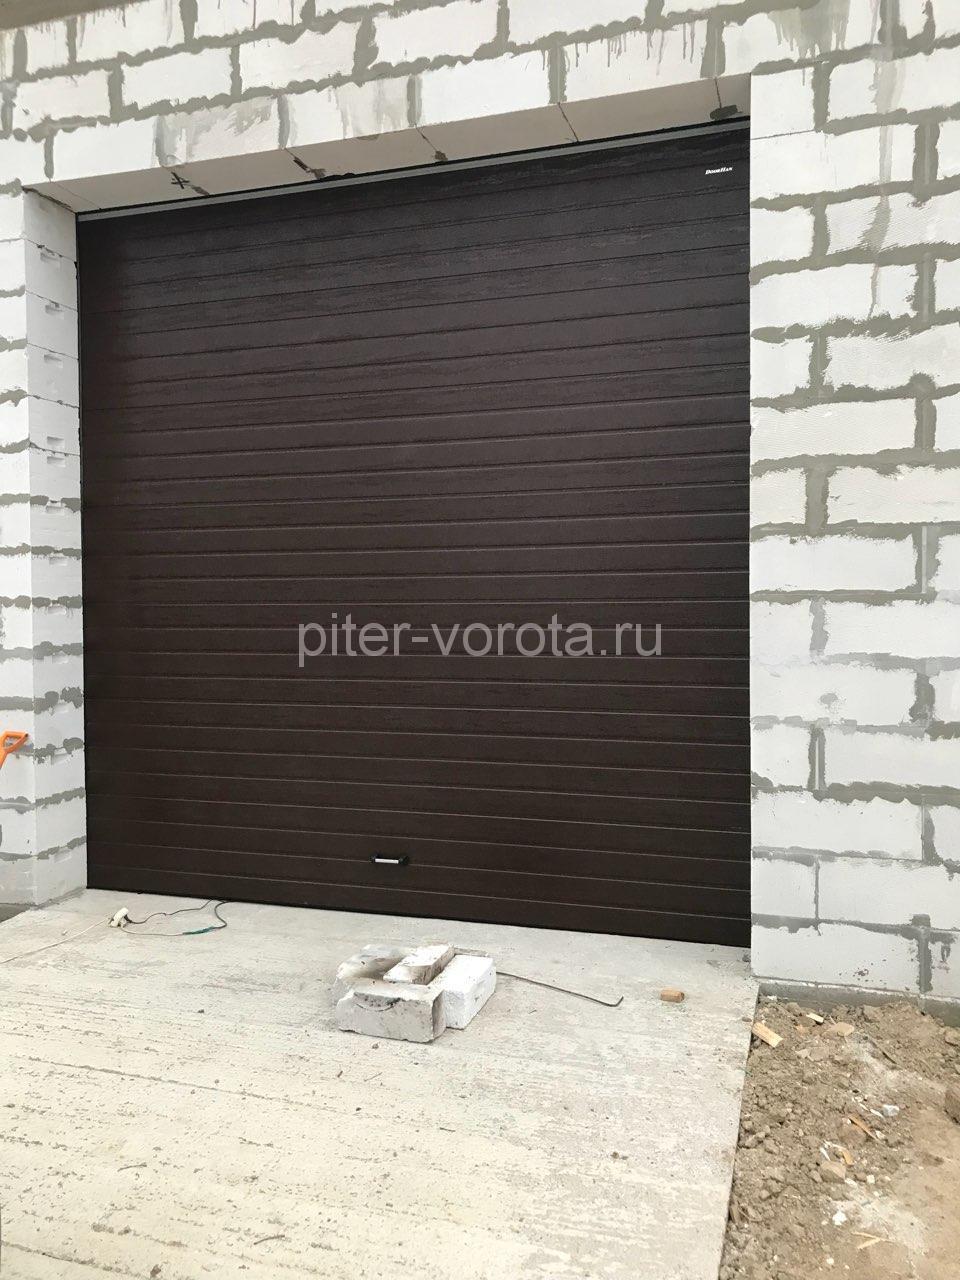 Гаражные подъёмно-секционные ворота Doorhan RSD02 в Русско-Высоцком